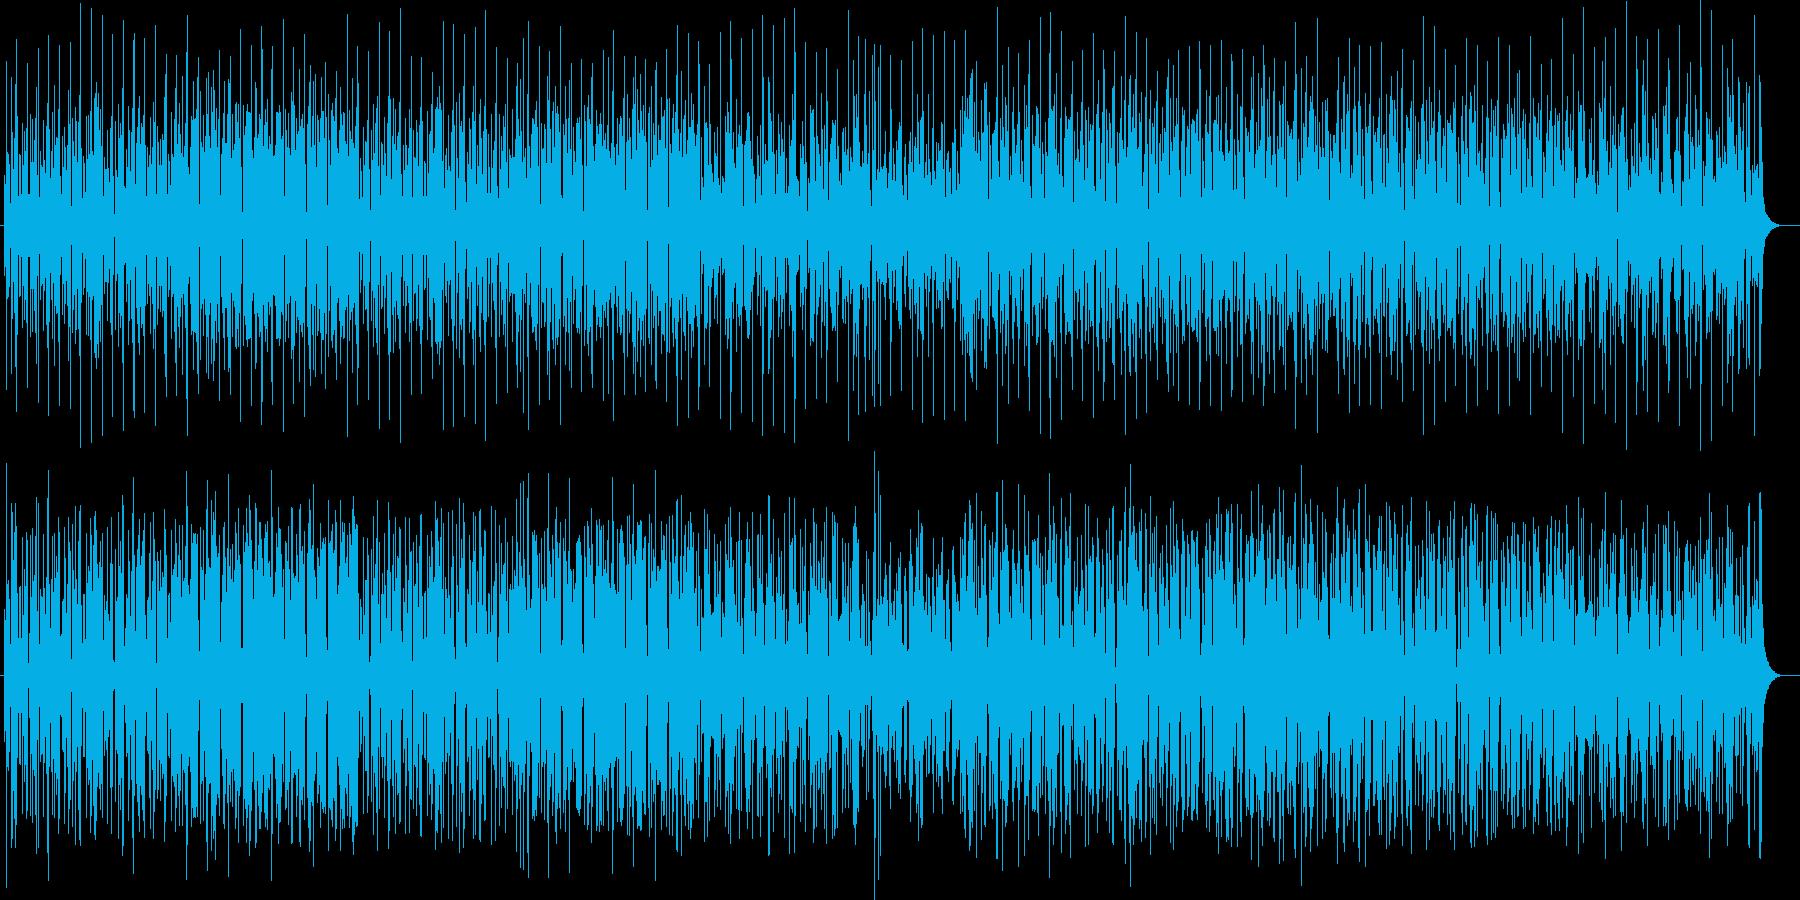 明るく楽しいシンセサイザーポップの再生済みの波形